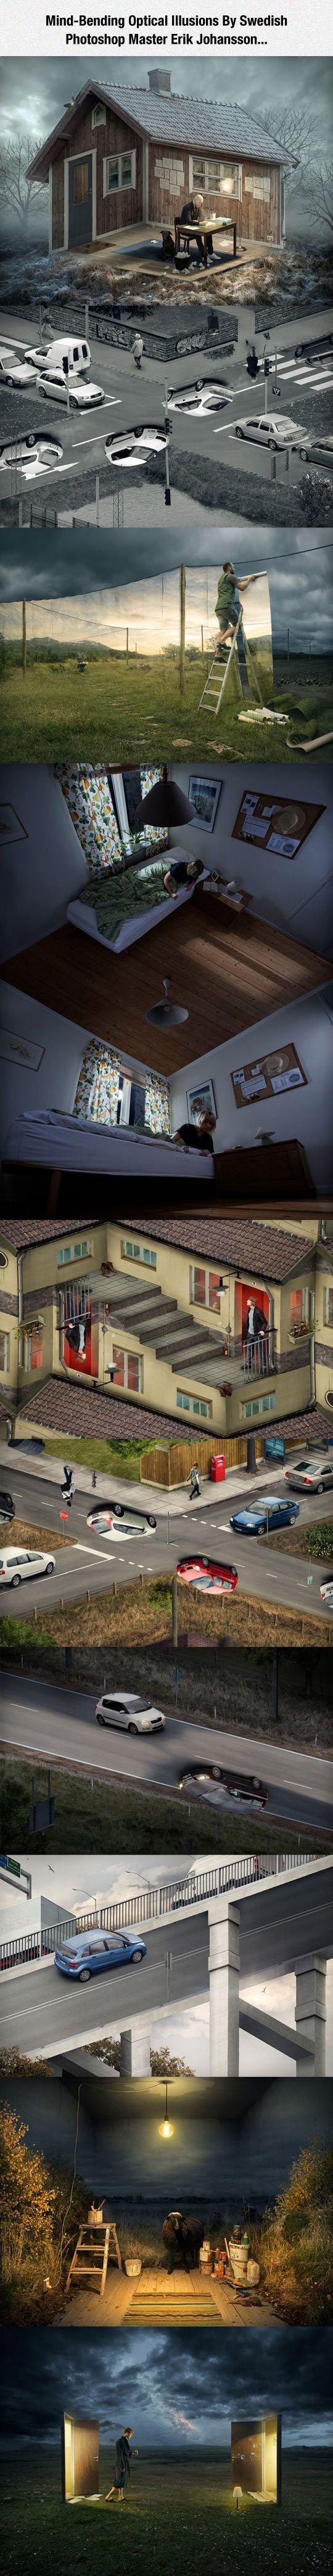 Erik Johansson's Mind-Blowing Images